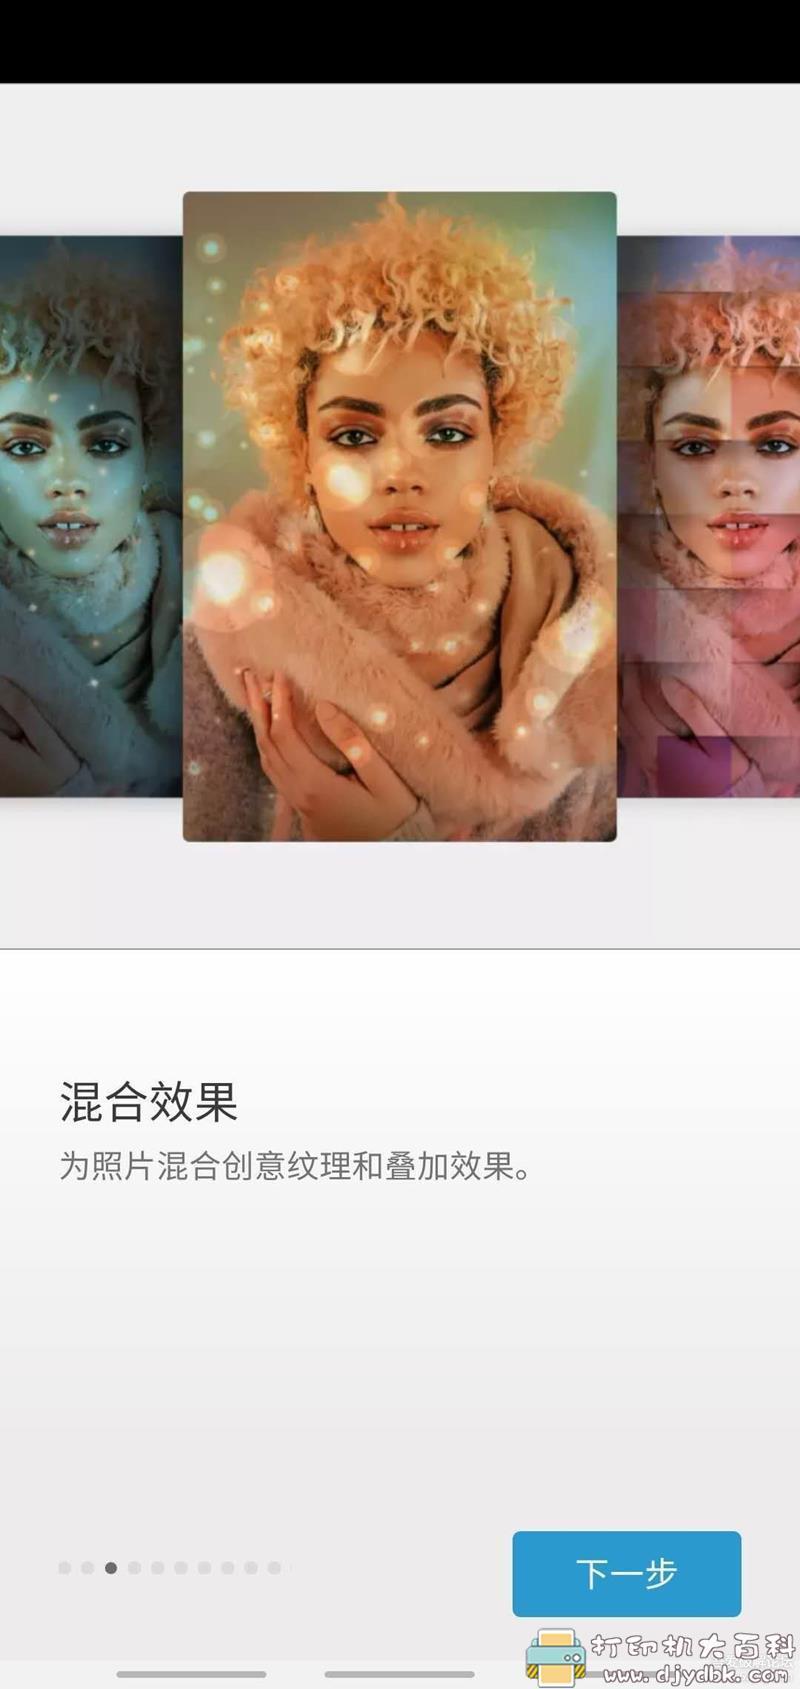 专业修图软件PS手机版:Adobe Photoshop Express特别版 配图 No.3